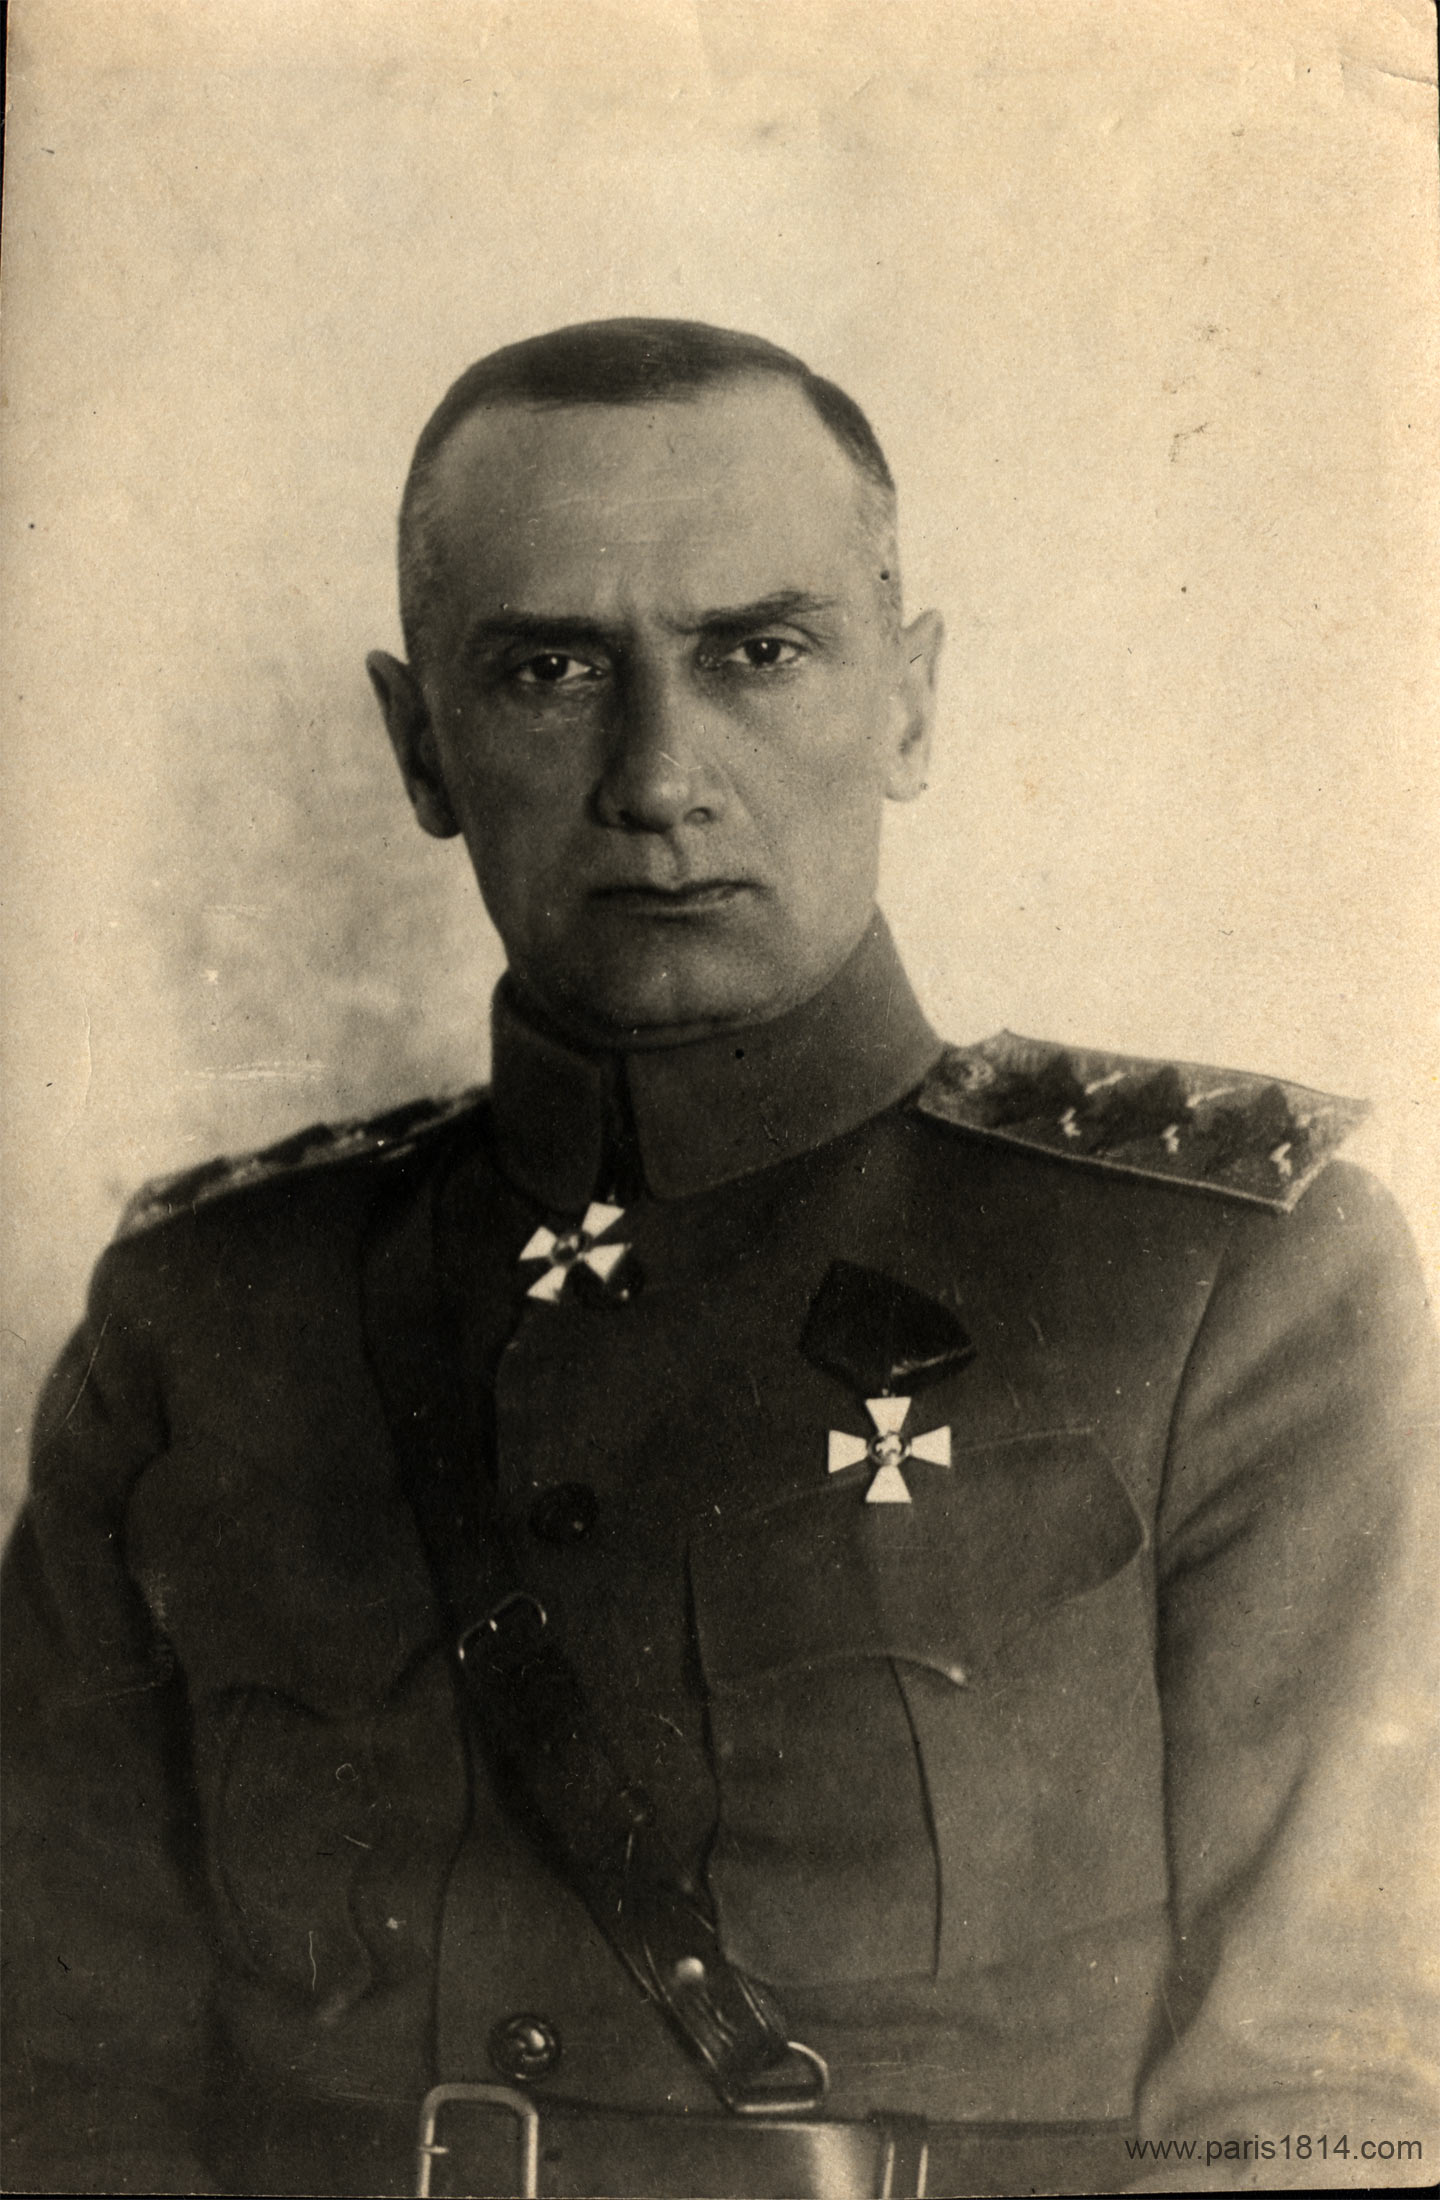 адмирал Колчак Александр Васильевич